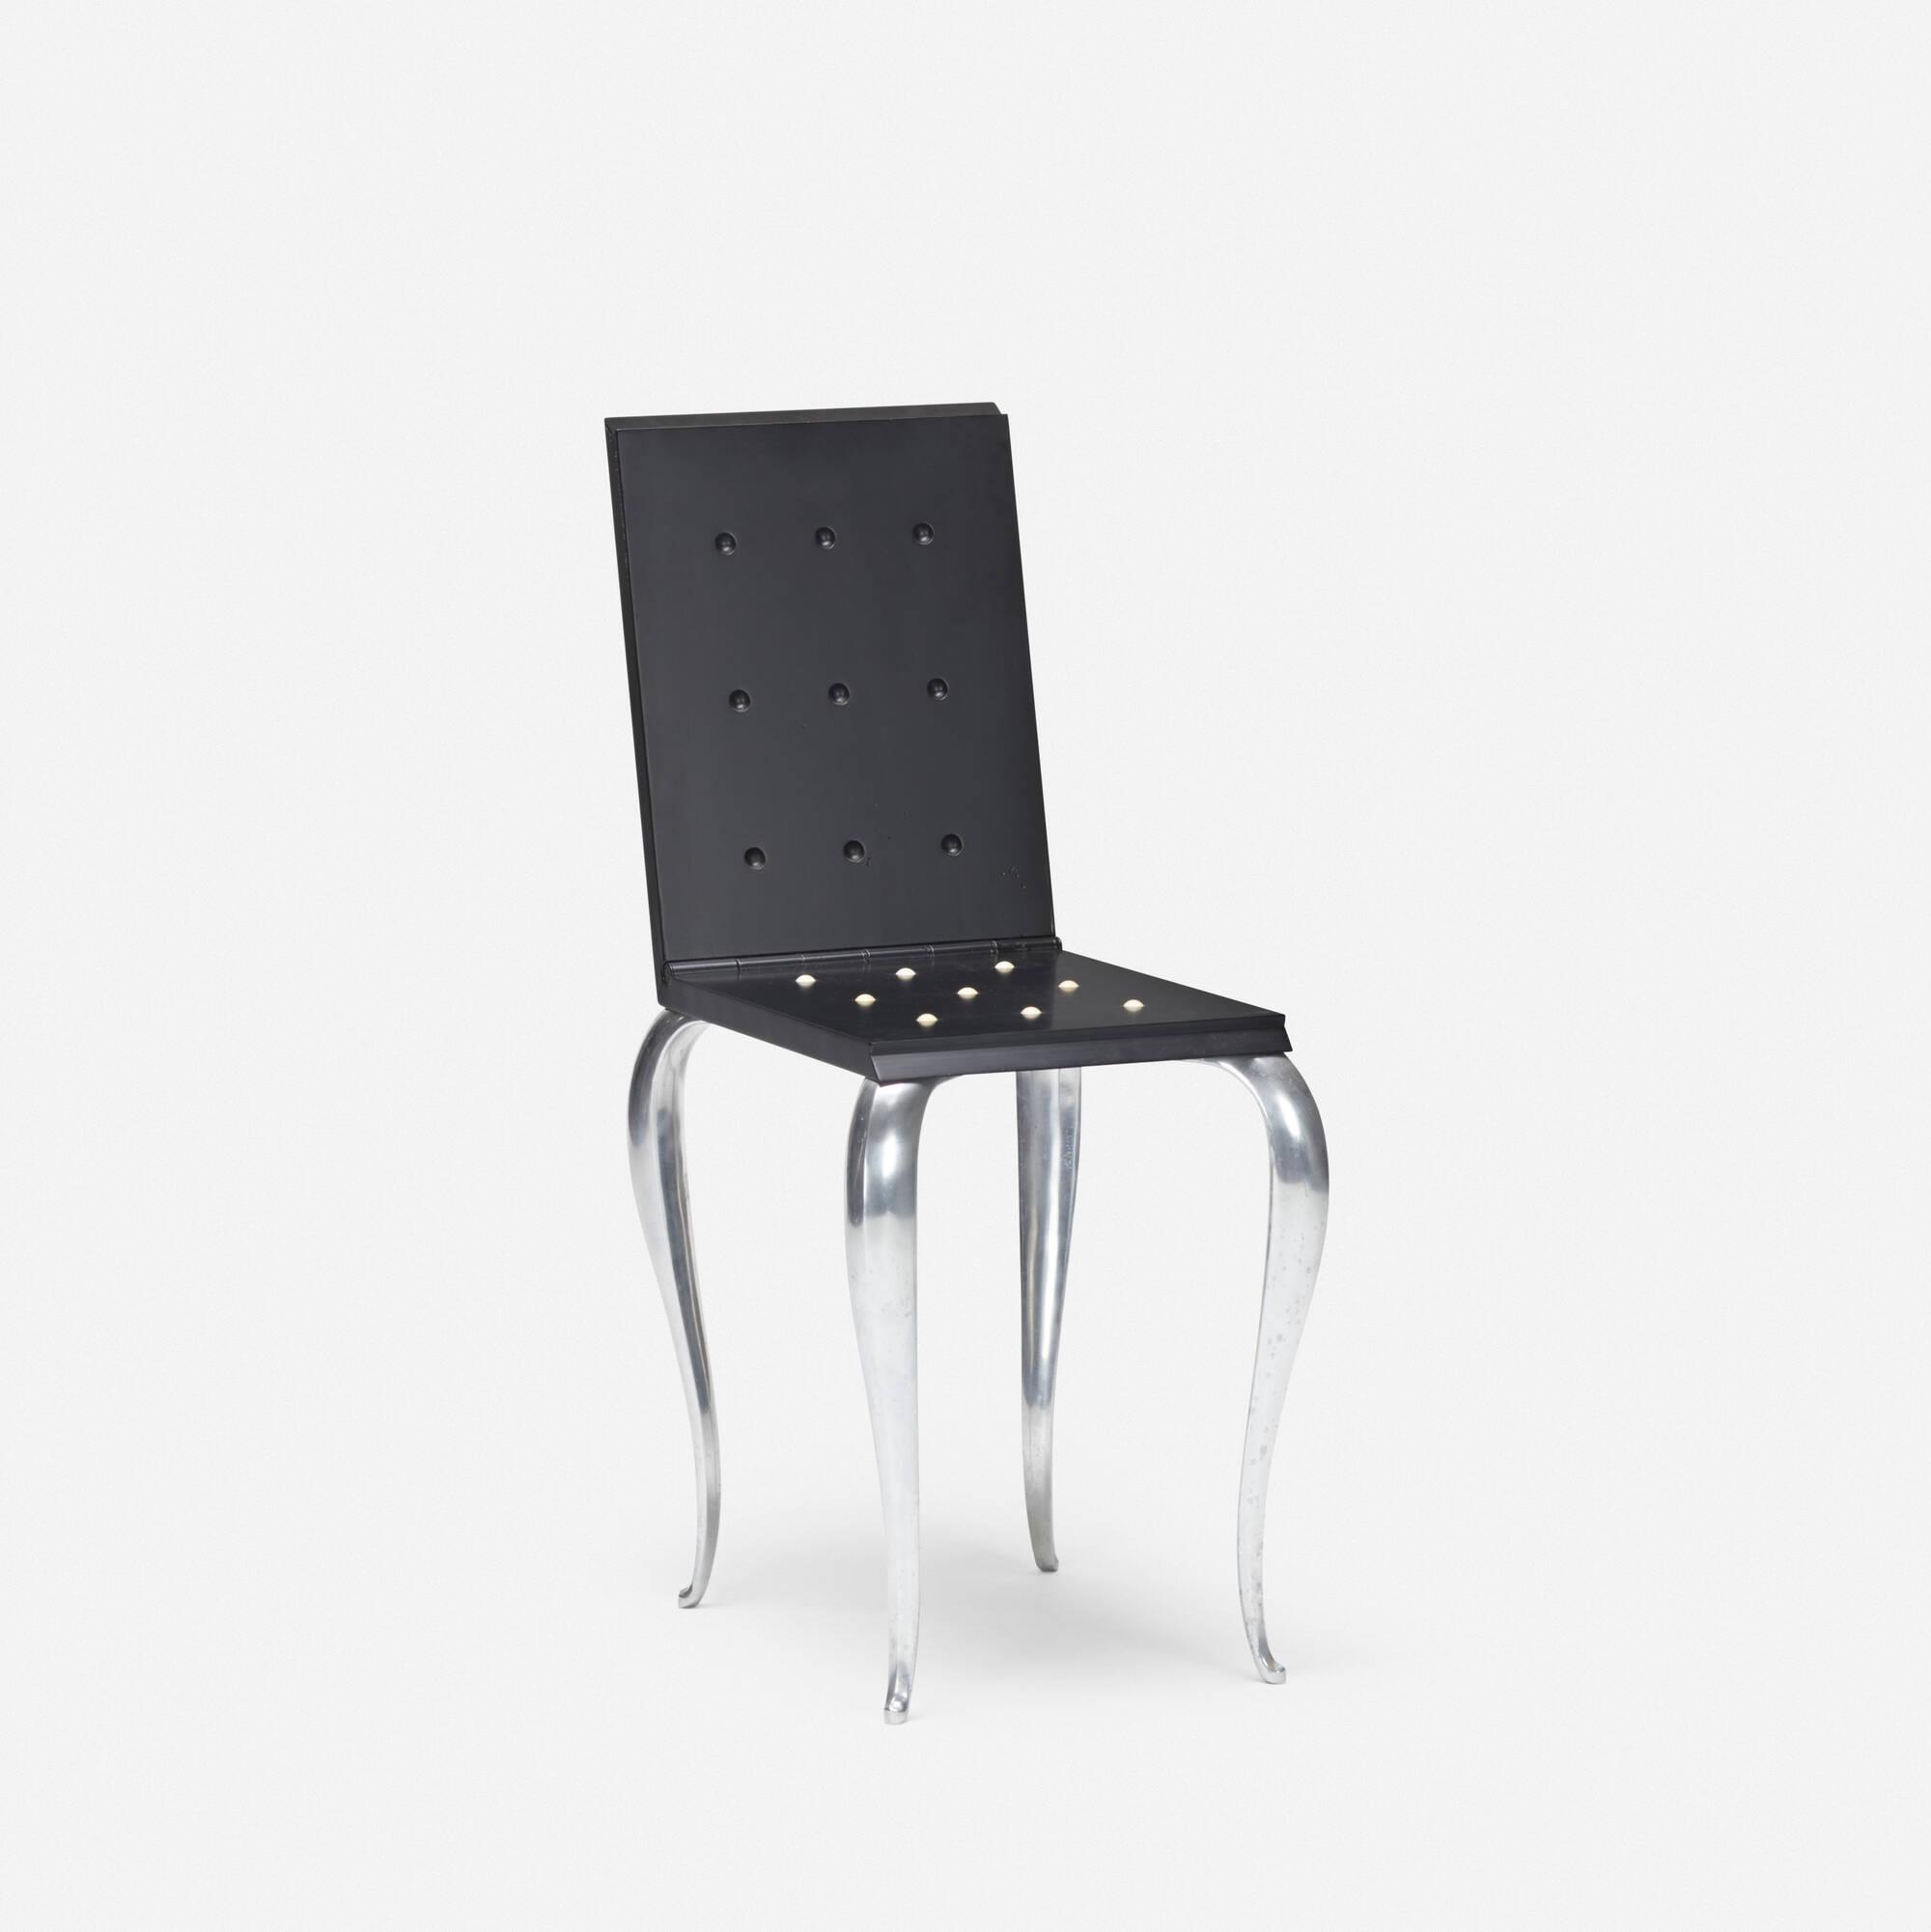 174: Philippe Starck / Lola Mundo chair (1 of 3)